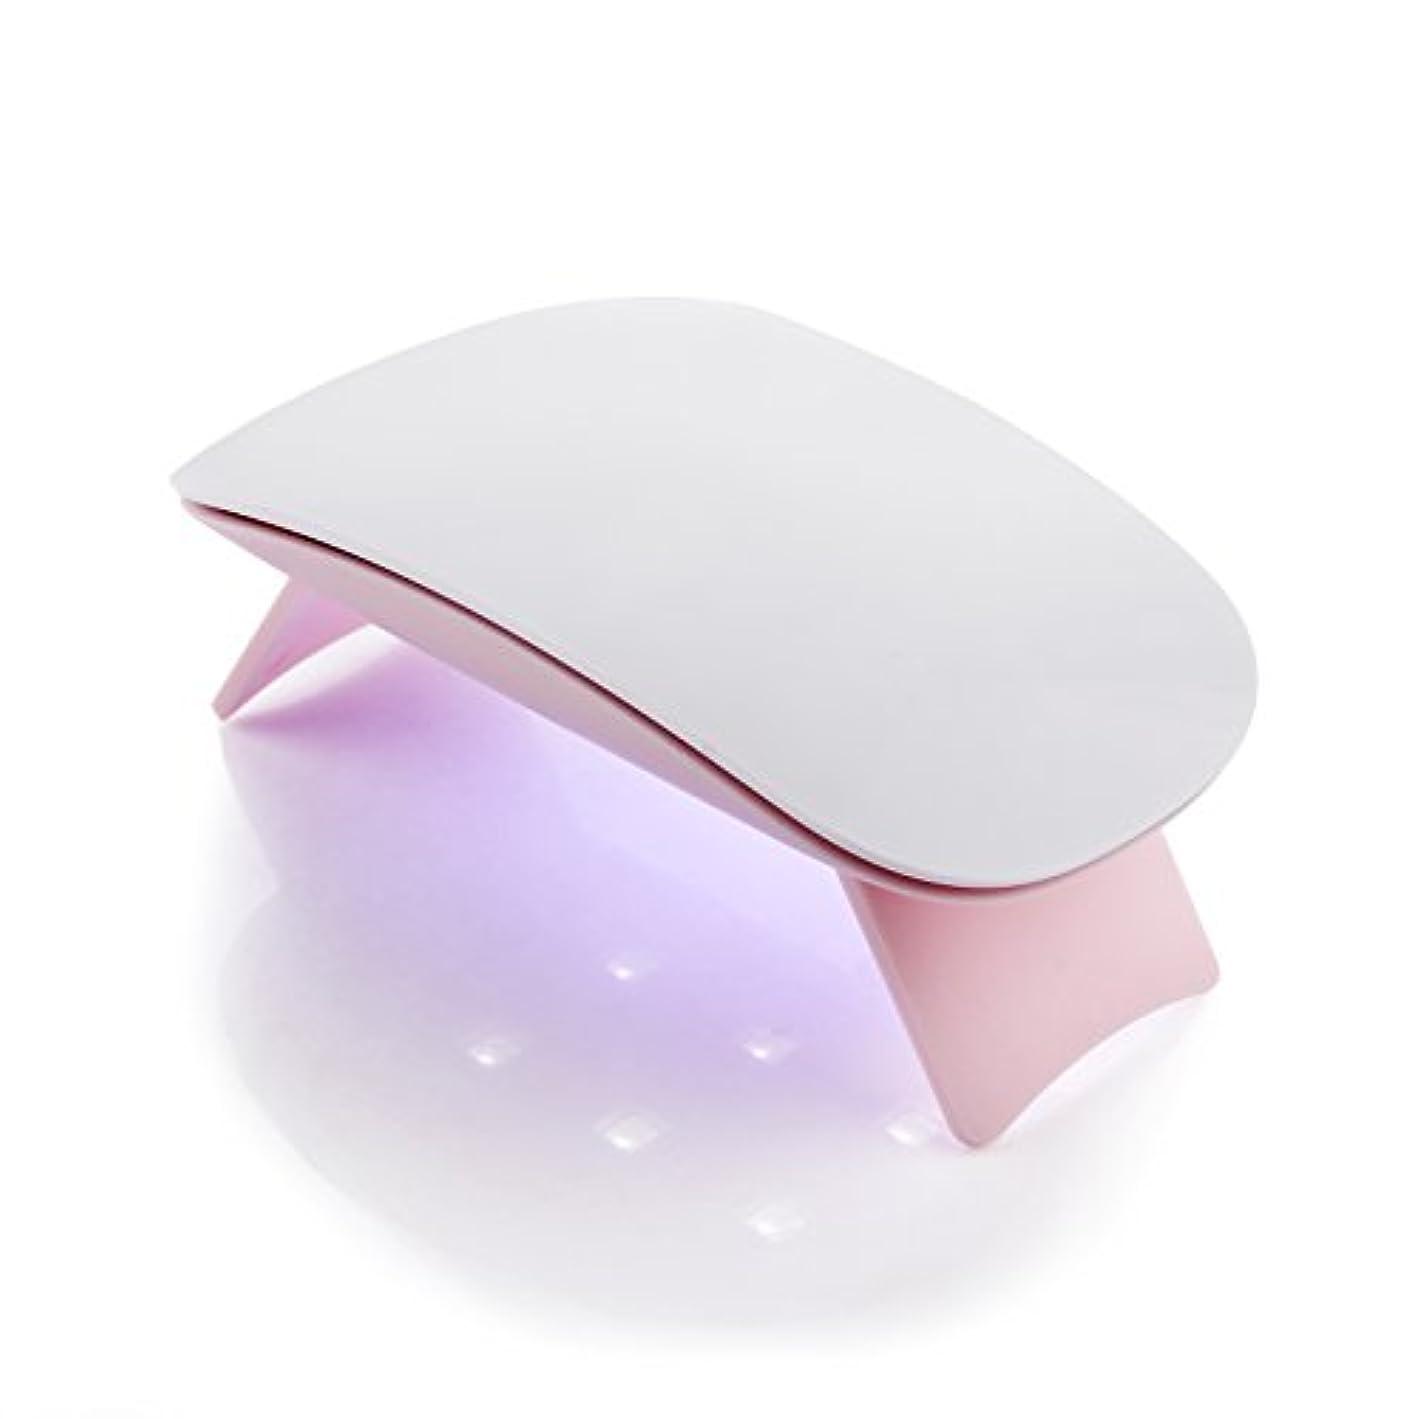 間に合わせ日食プライバシーMakartt 6W UV ジェルネイルLEDライト  超ミニ USB式ネイルドライヤー ネイル硬化用ライト 赤外線検知